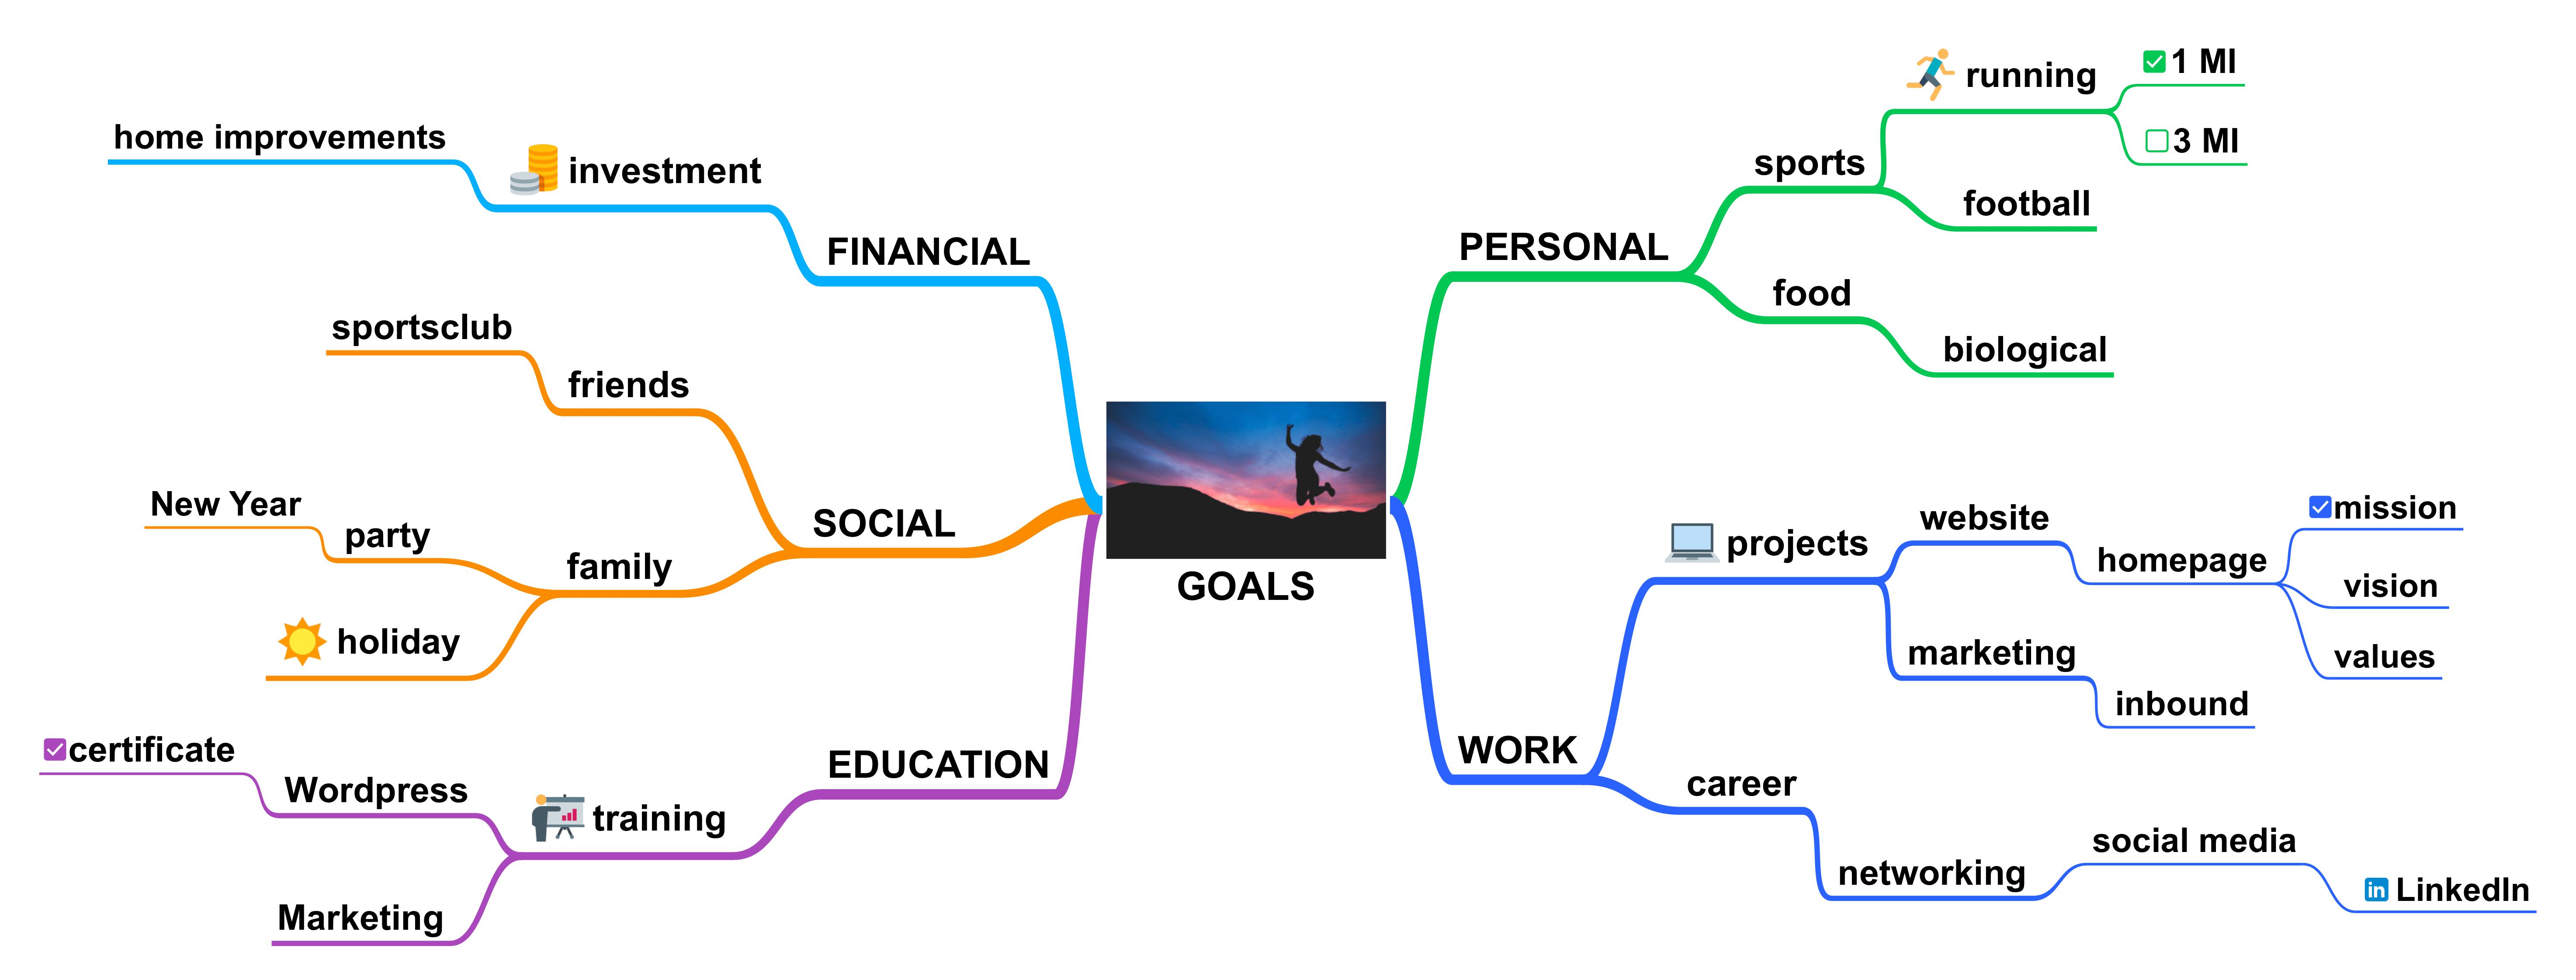 Smart Goals In A Mind Map